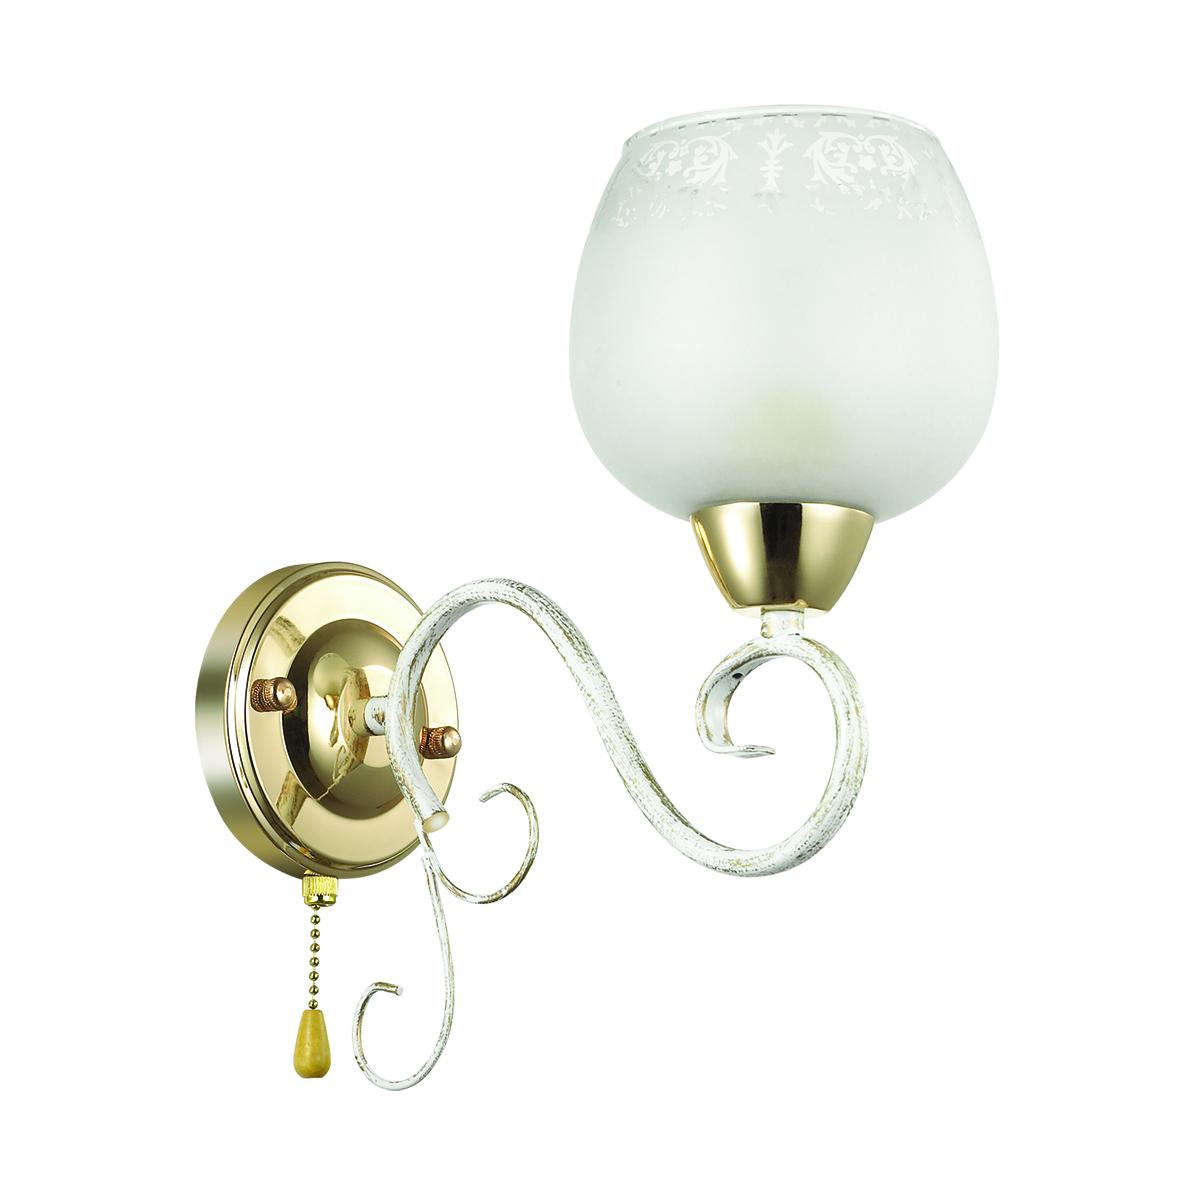 Бра Lumion Biancopa 3505/1W, 1xE27x60W, белый с золотой патиной, золото, матовый, металл, стекло - фото 2